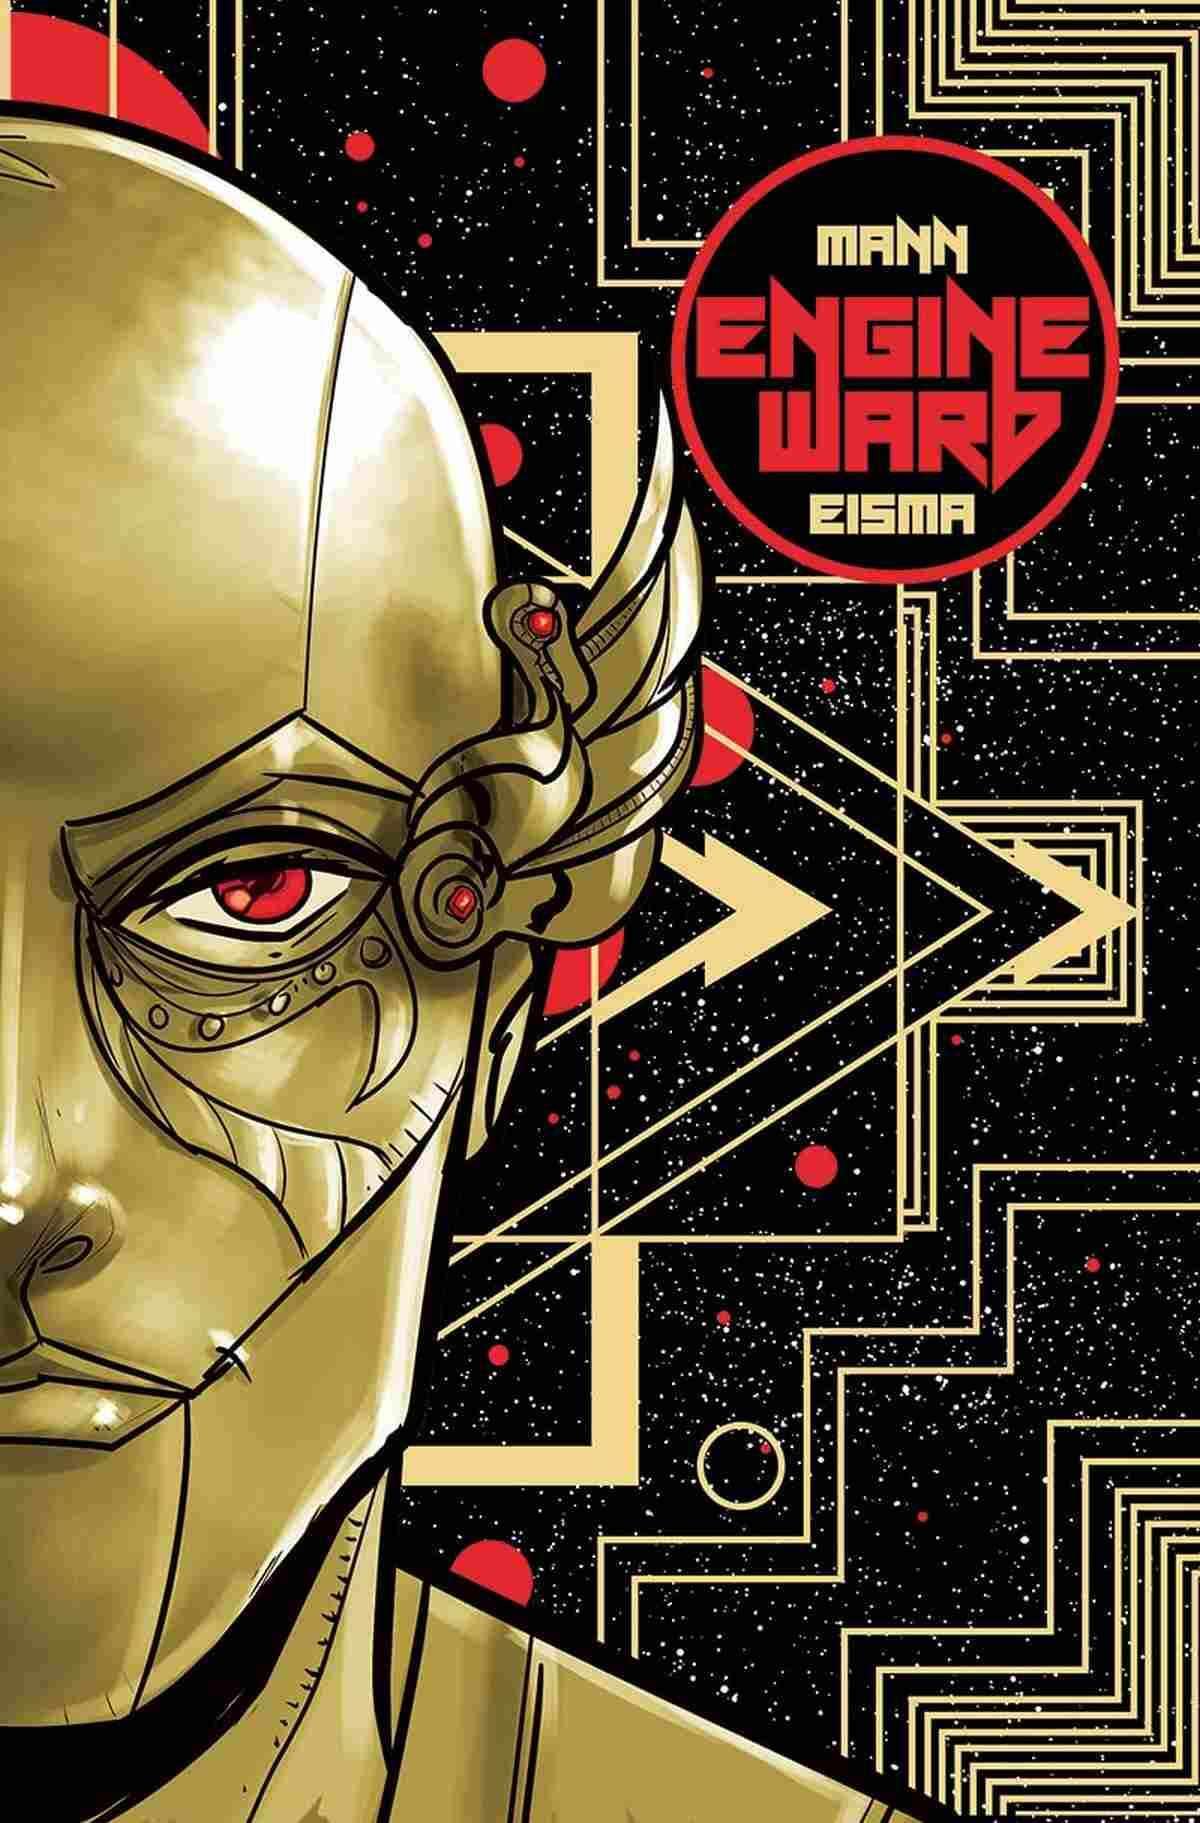 Engineward #1